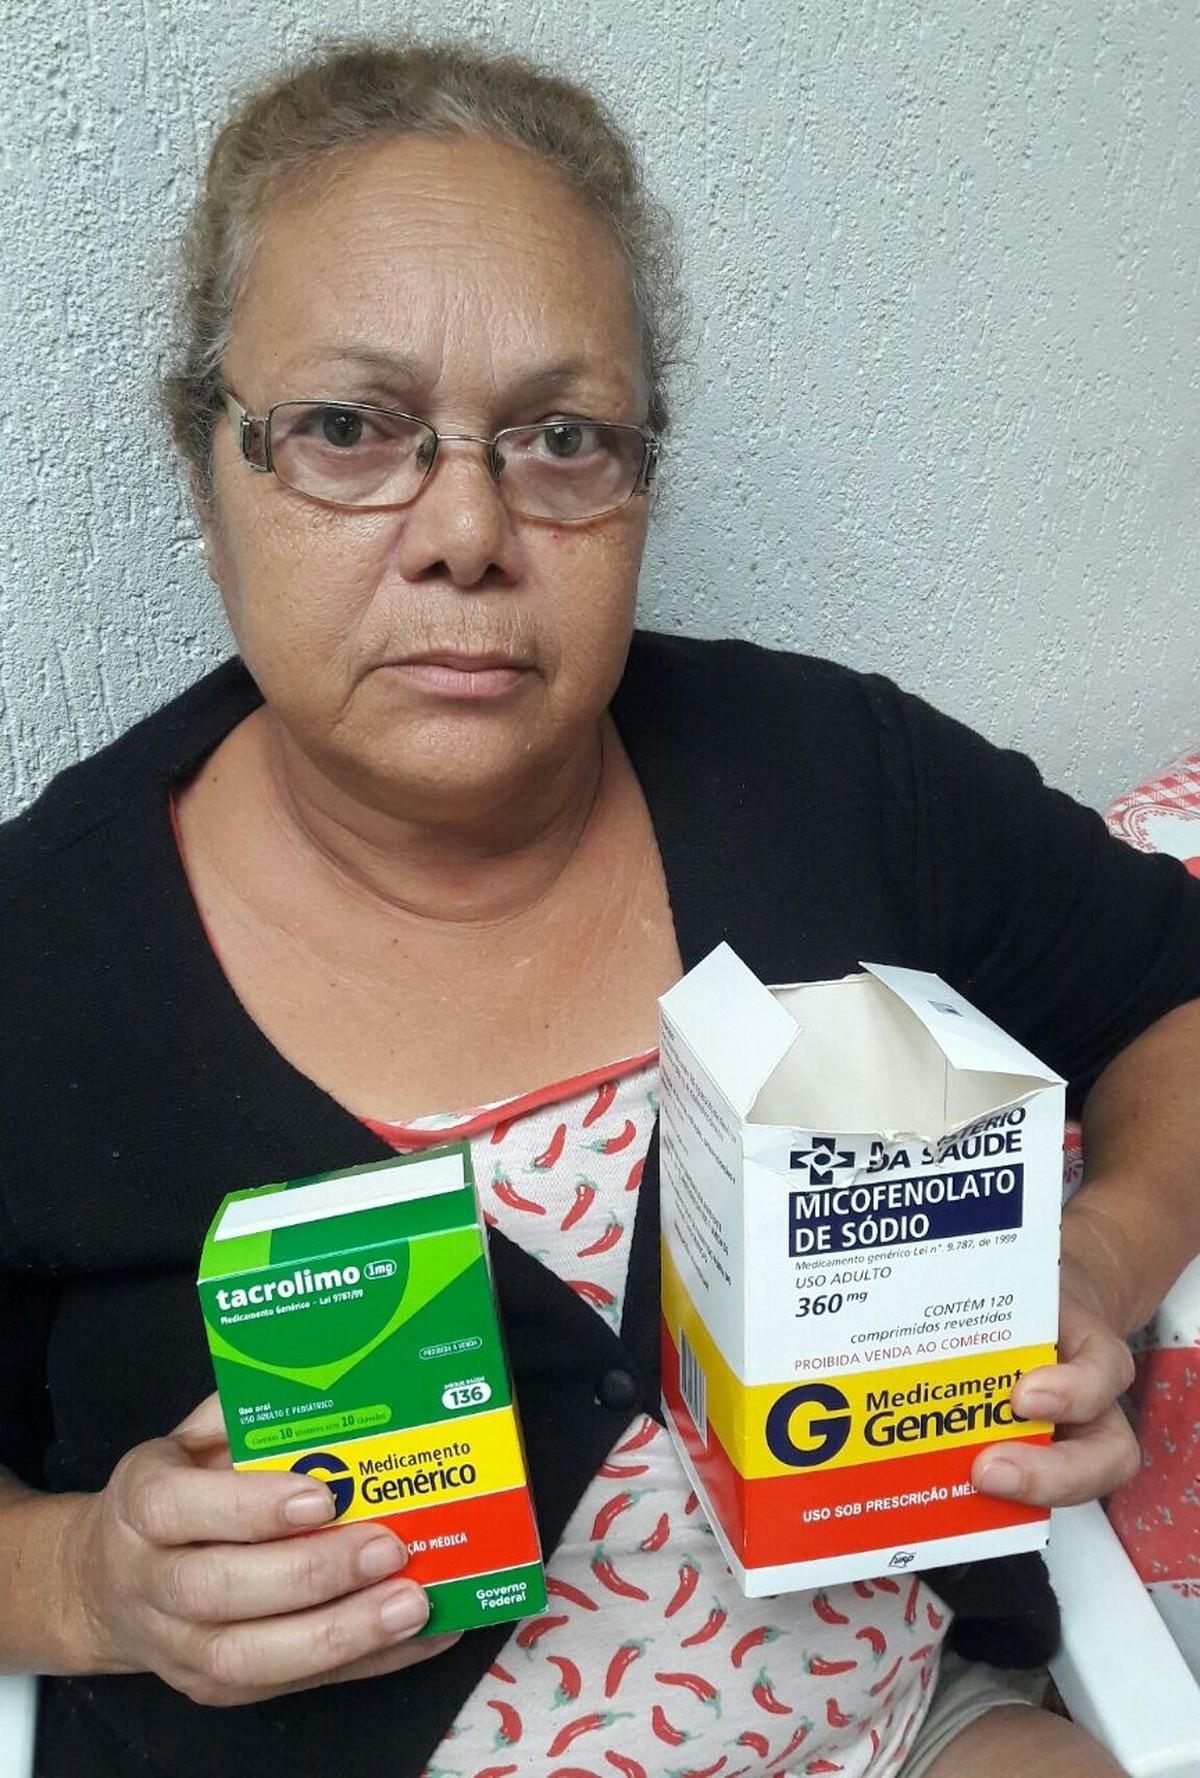 Pacientes transplantados do Alto Tietê enfrentam dificuldades para conseguir remédios contra rejeição